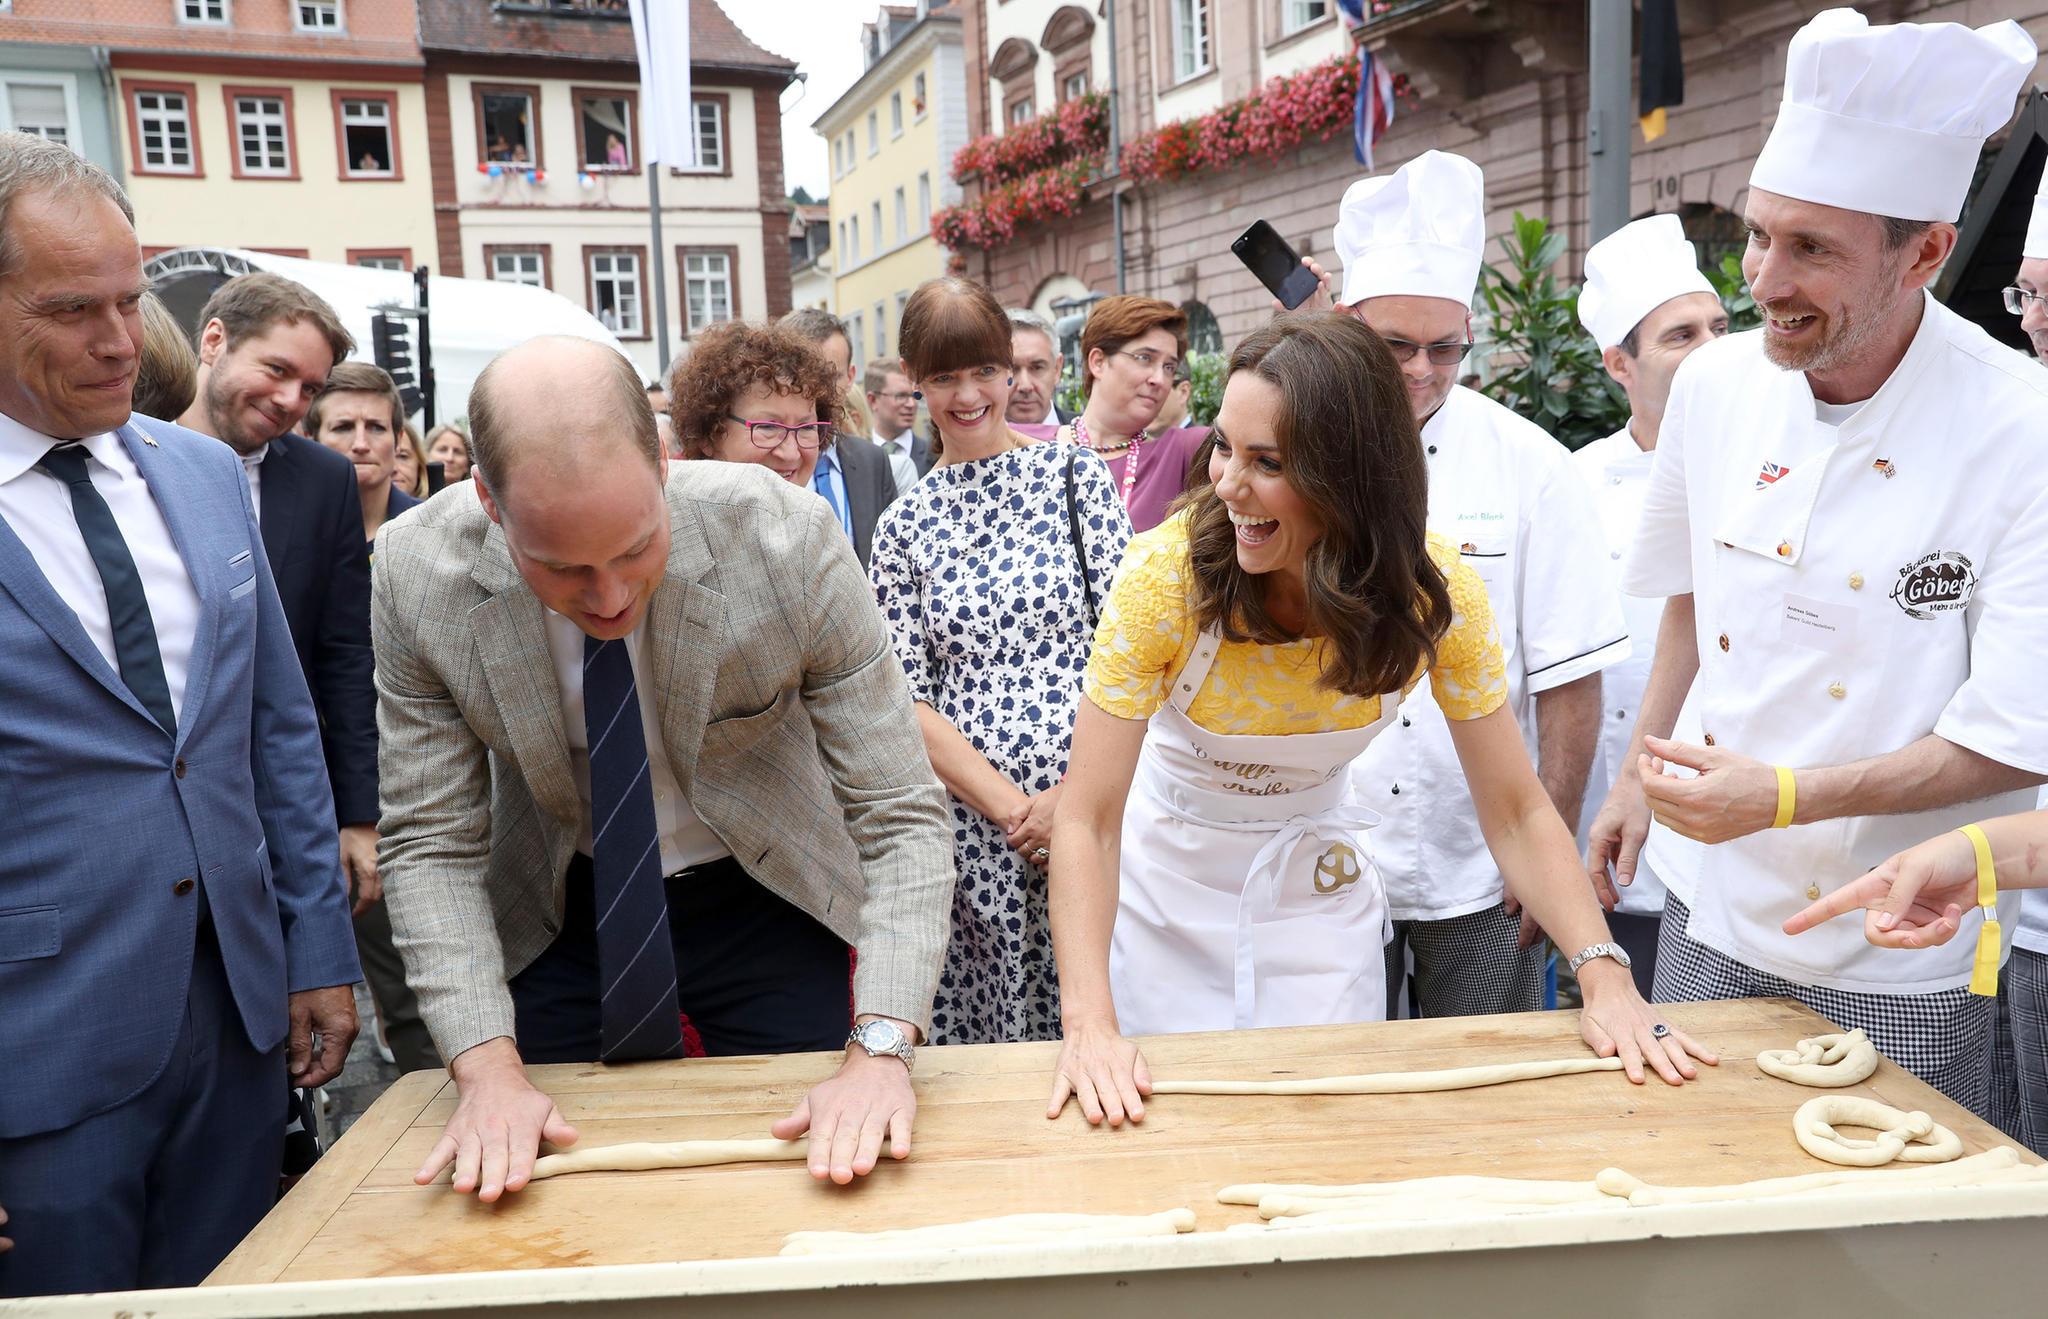 Prinz William und Herzogin Kate beim Brezelbacken in Heidelberg